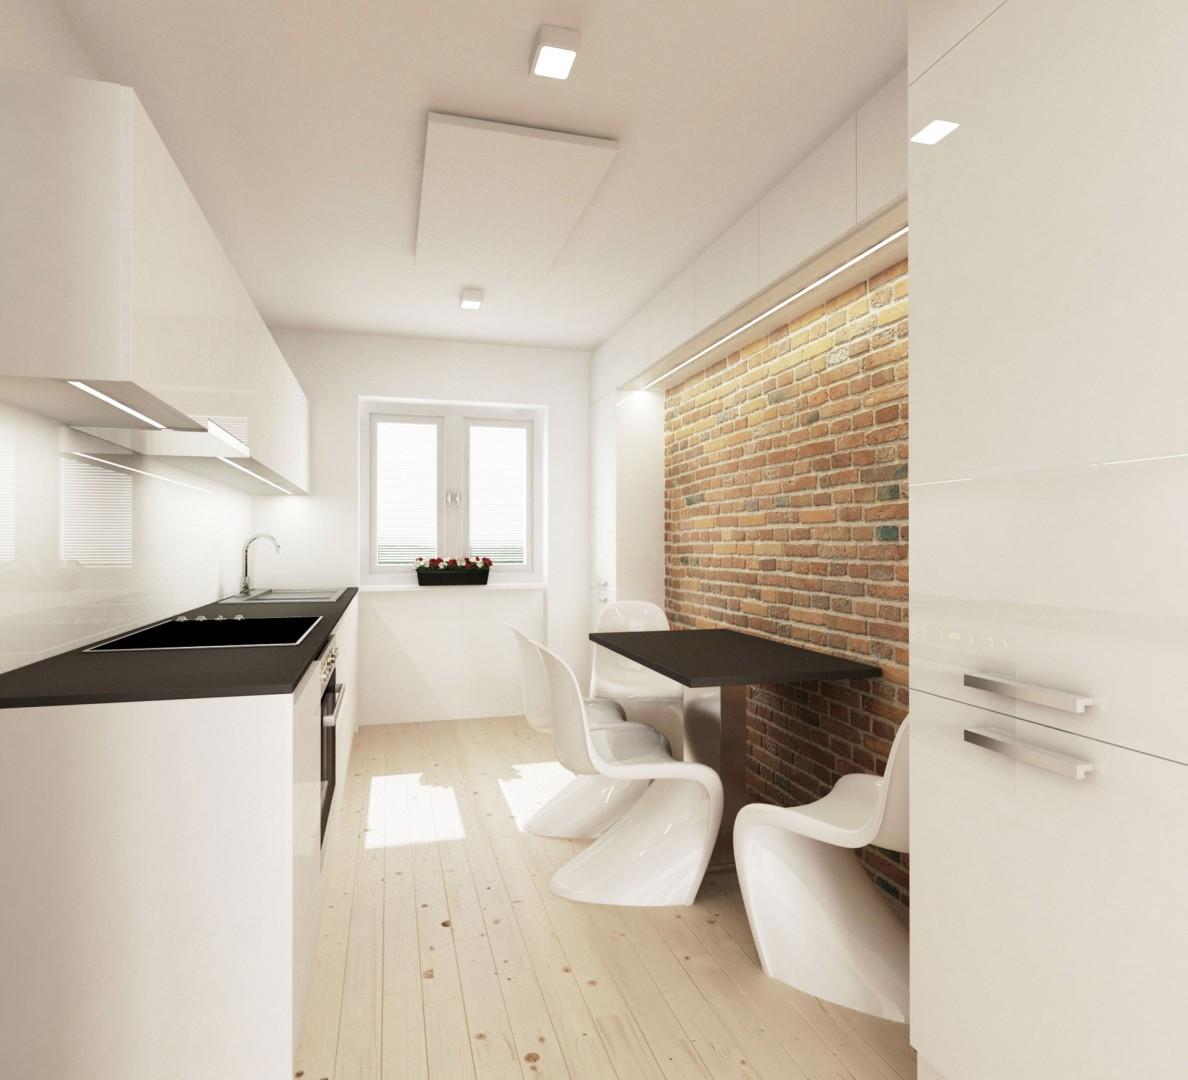 návrh interiéru bytu - kuchyňa a jedáleň